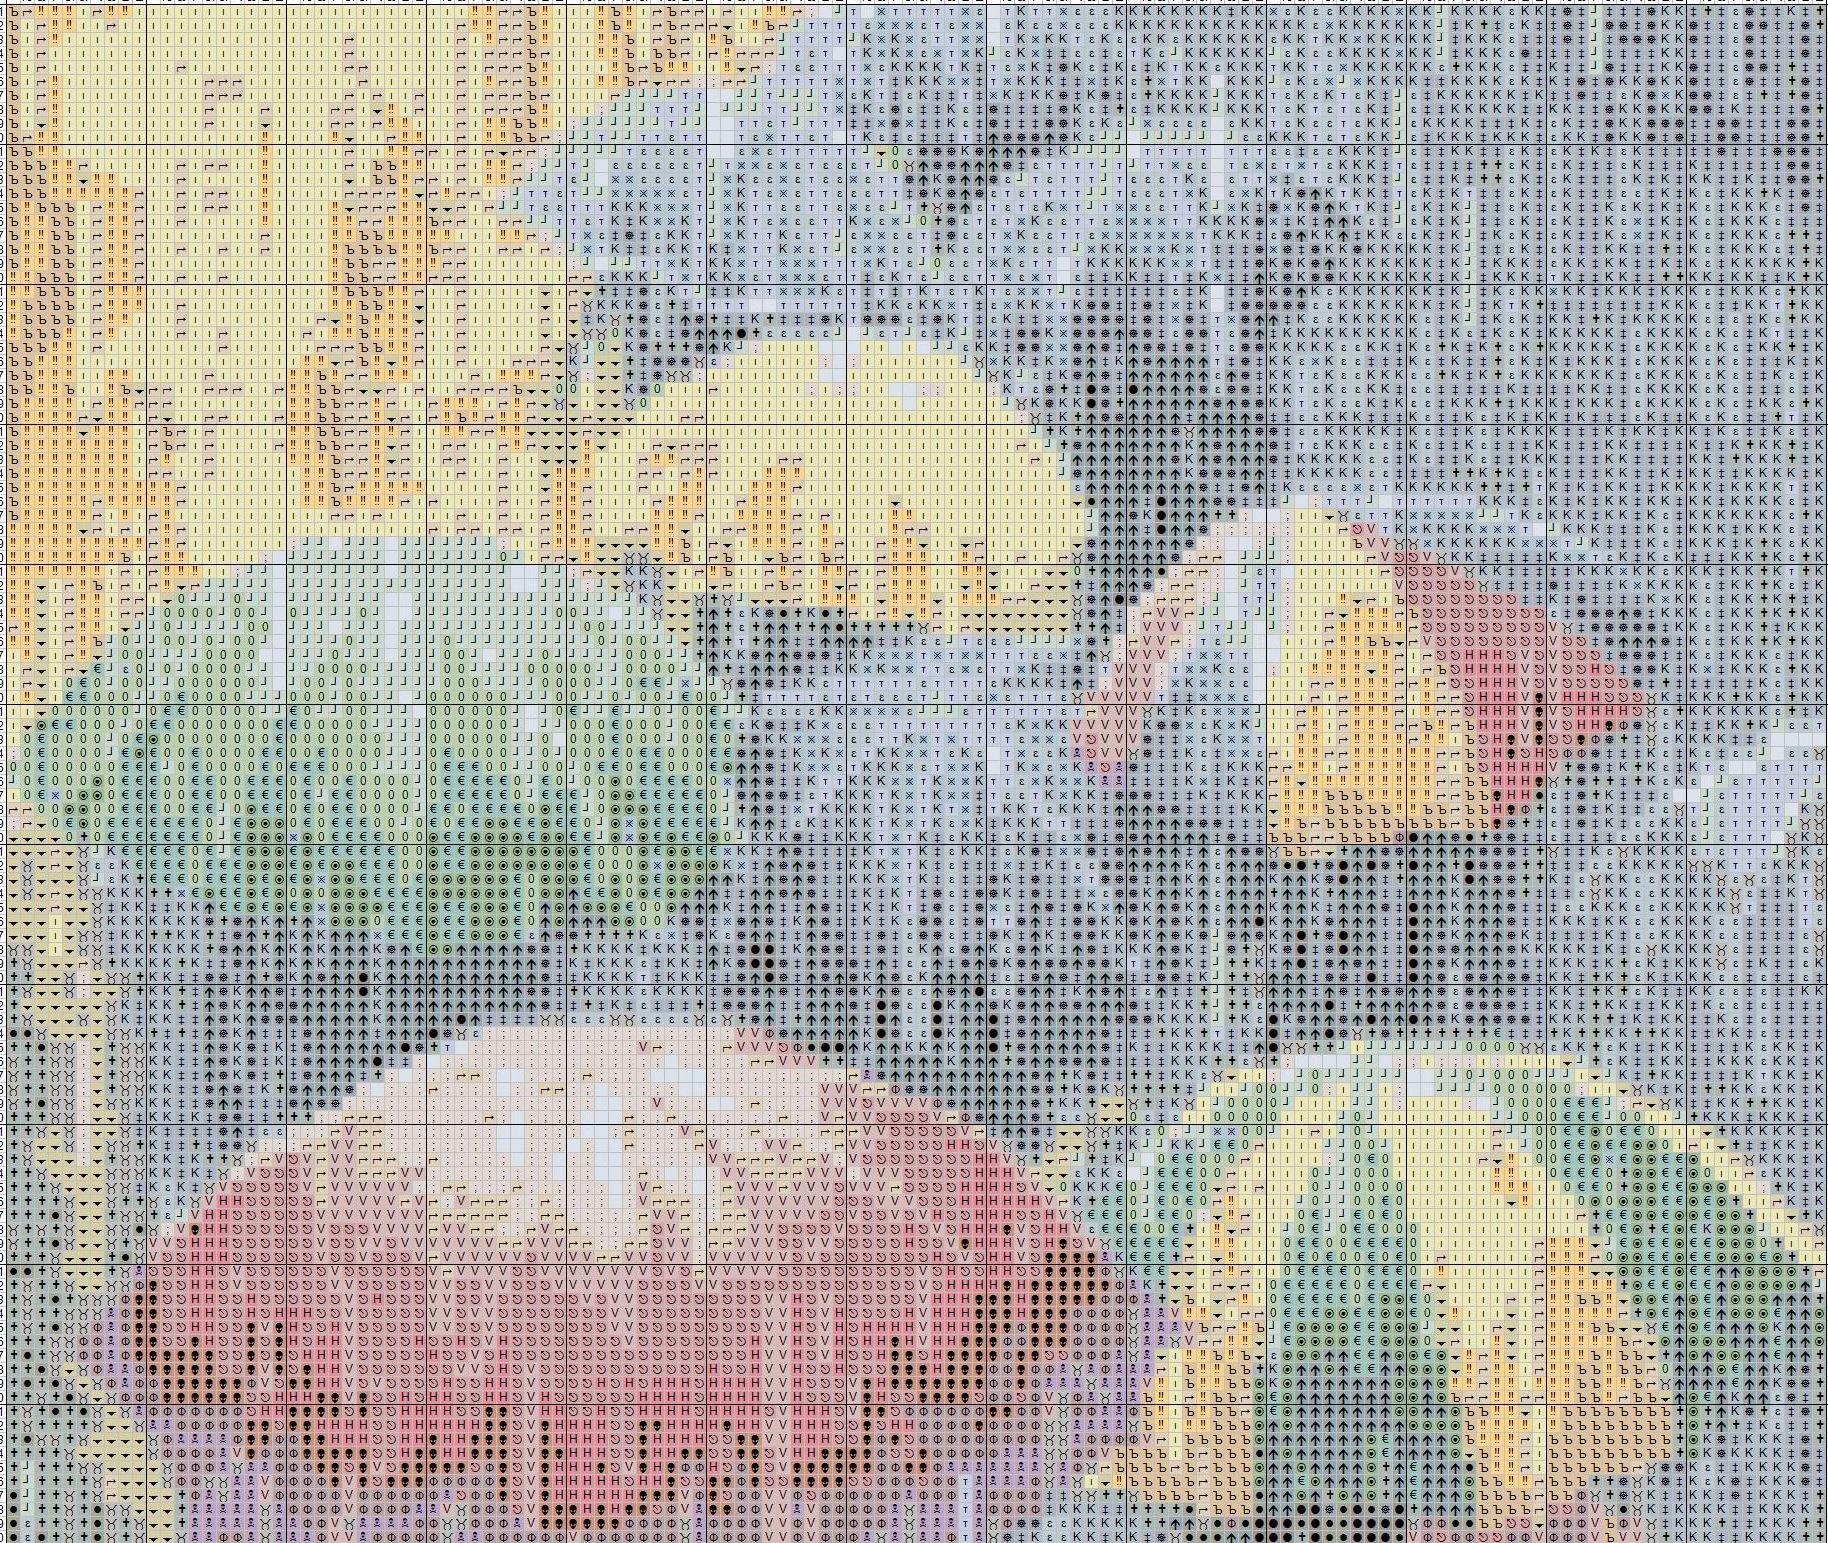 Вышивка крестом зонтики 10